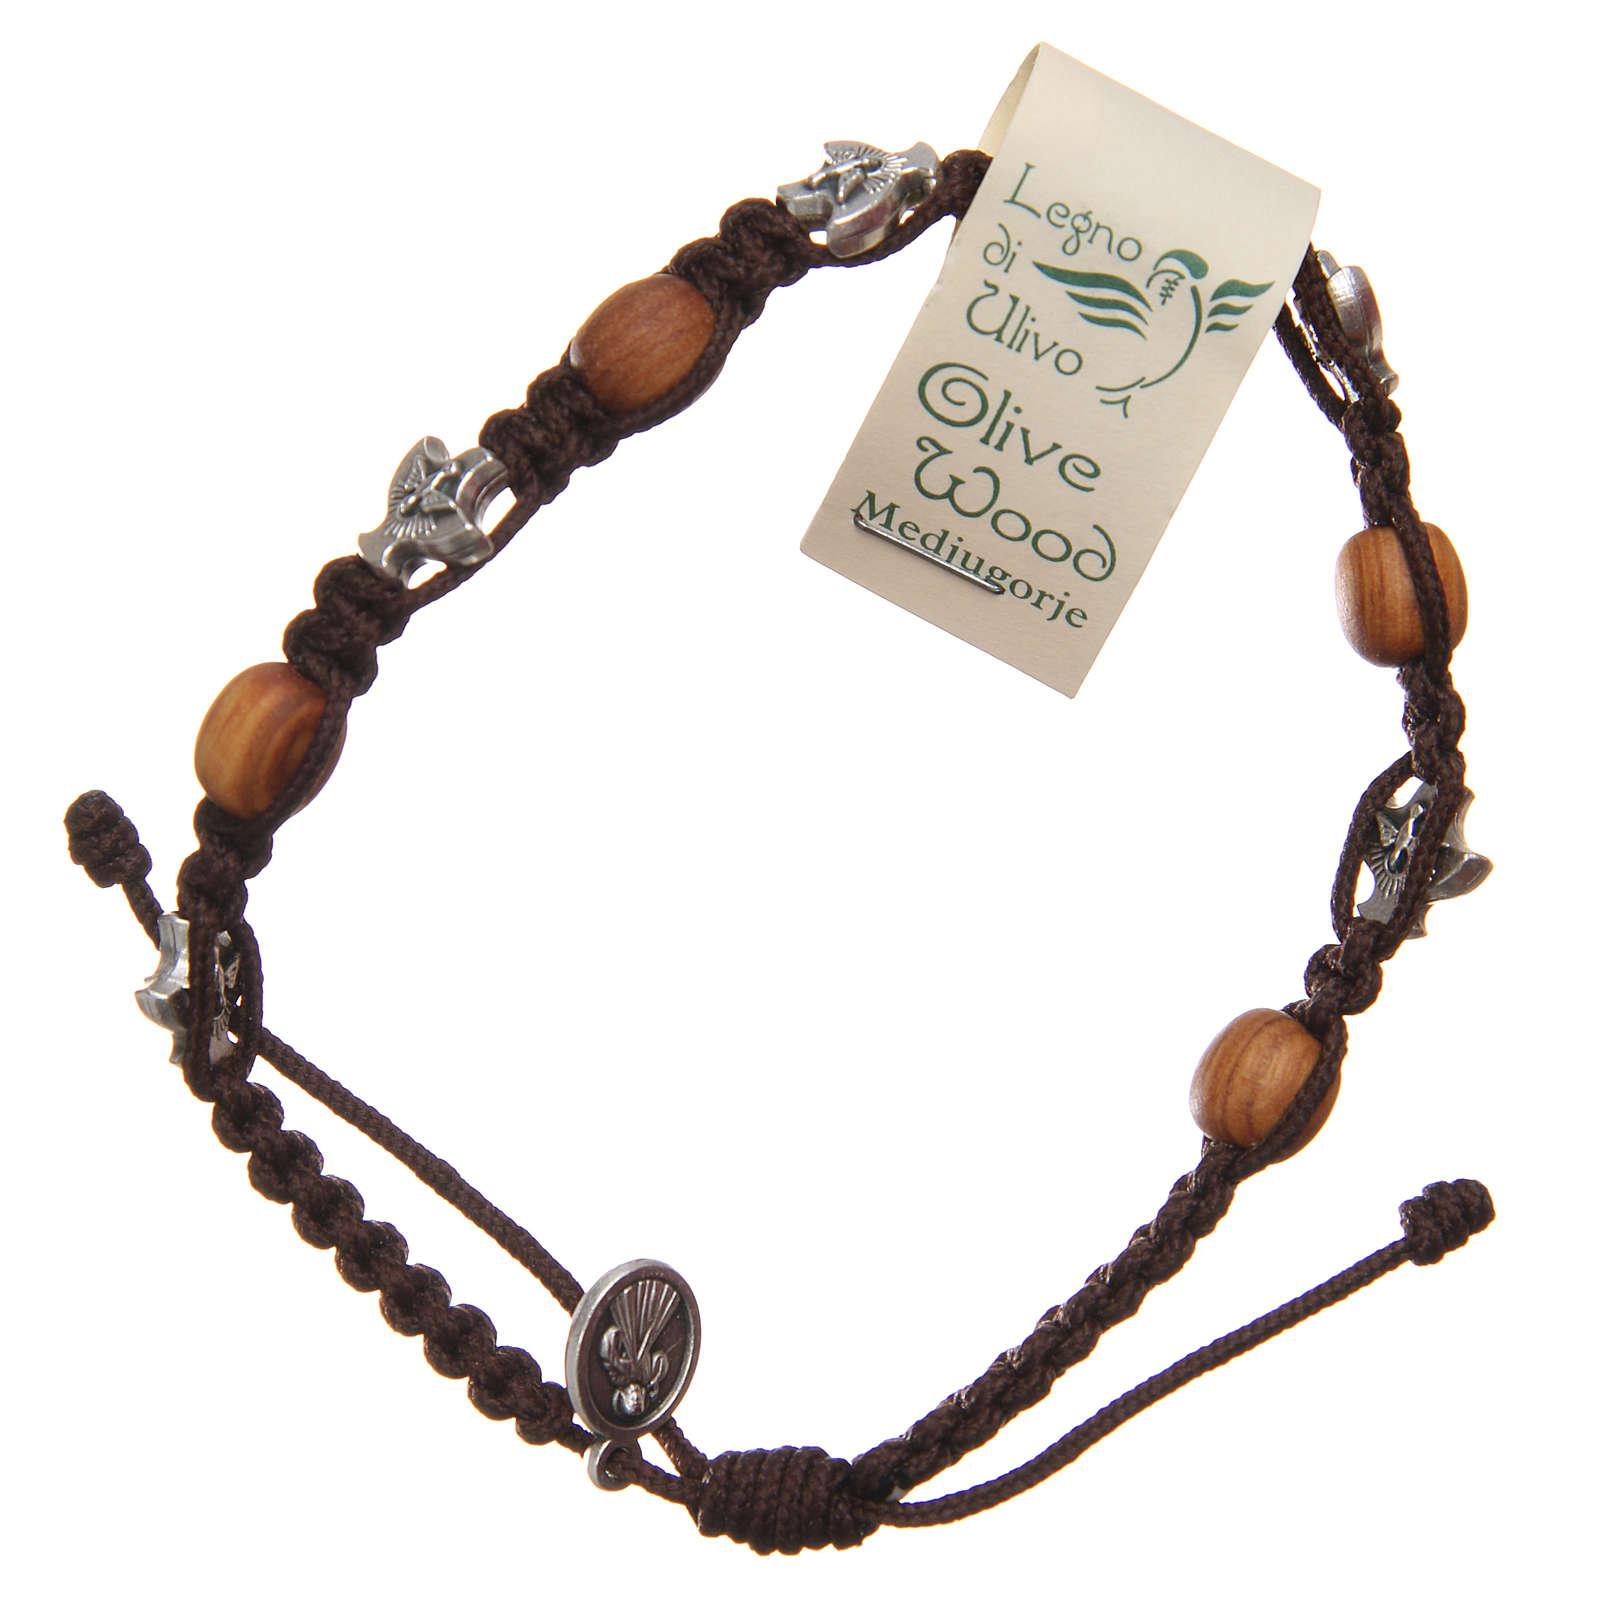 Braccialetto Medjugorje corda marrone legno ulivo 4